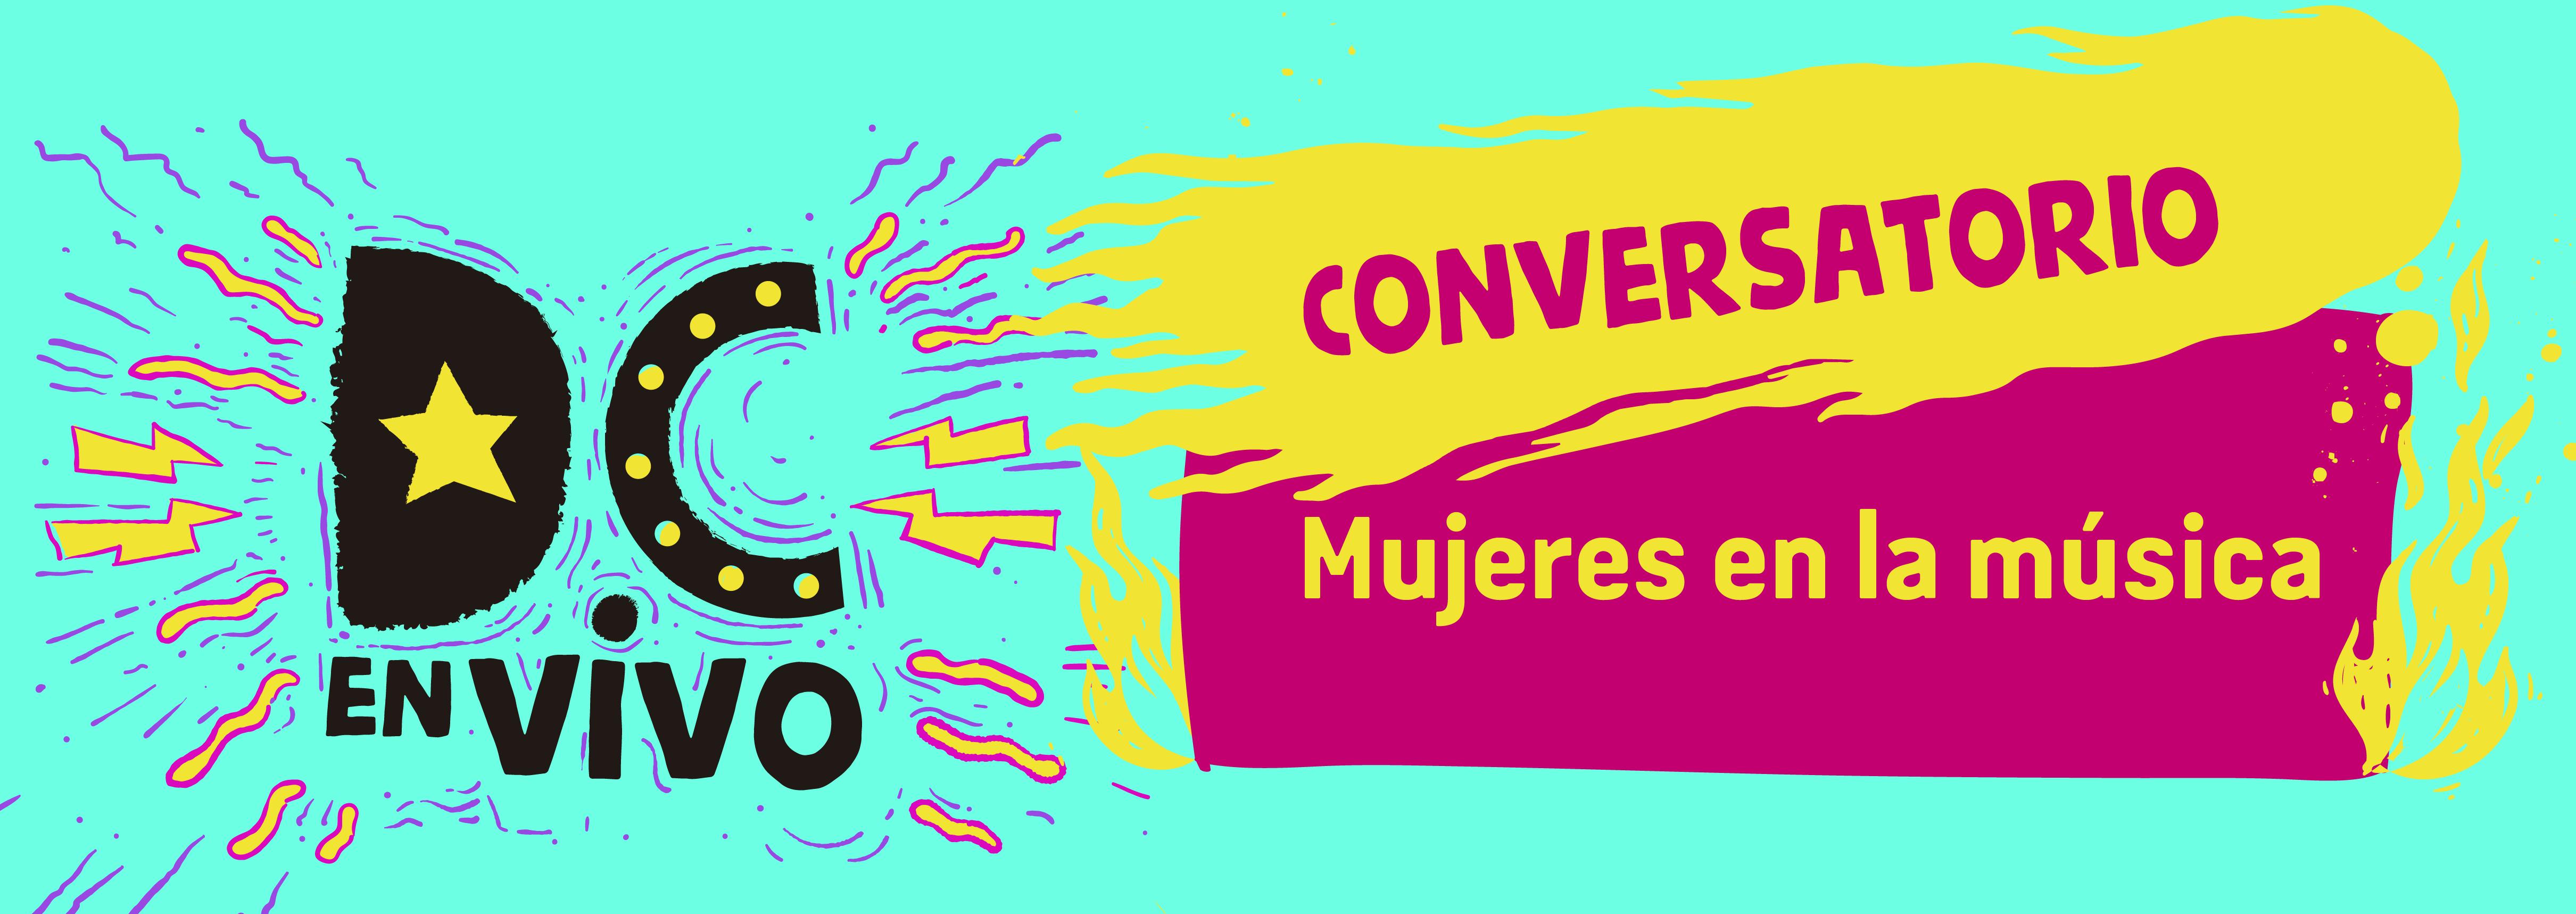 MUJERES EN LA INDUSTRIA MUSICAL - 4-13-ok1